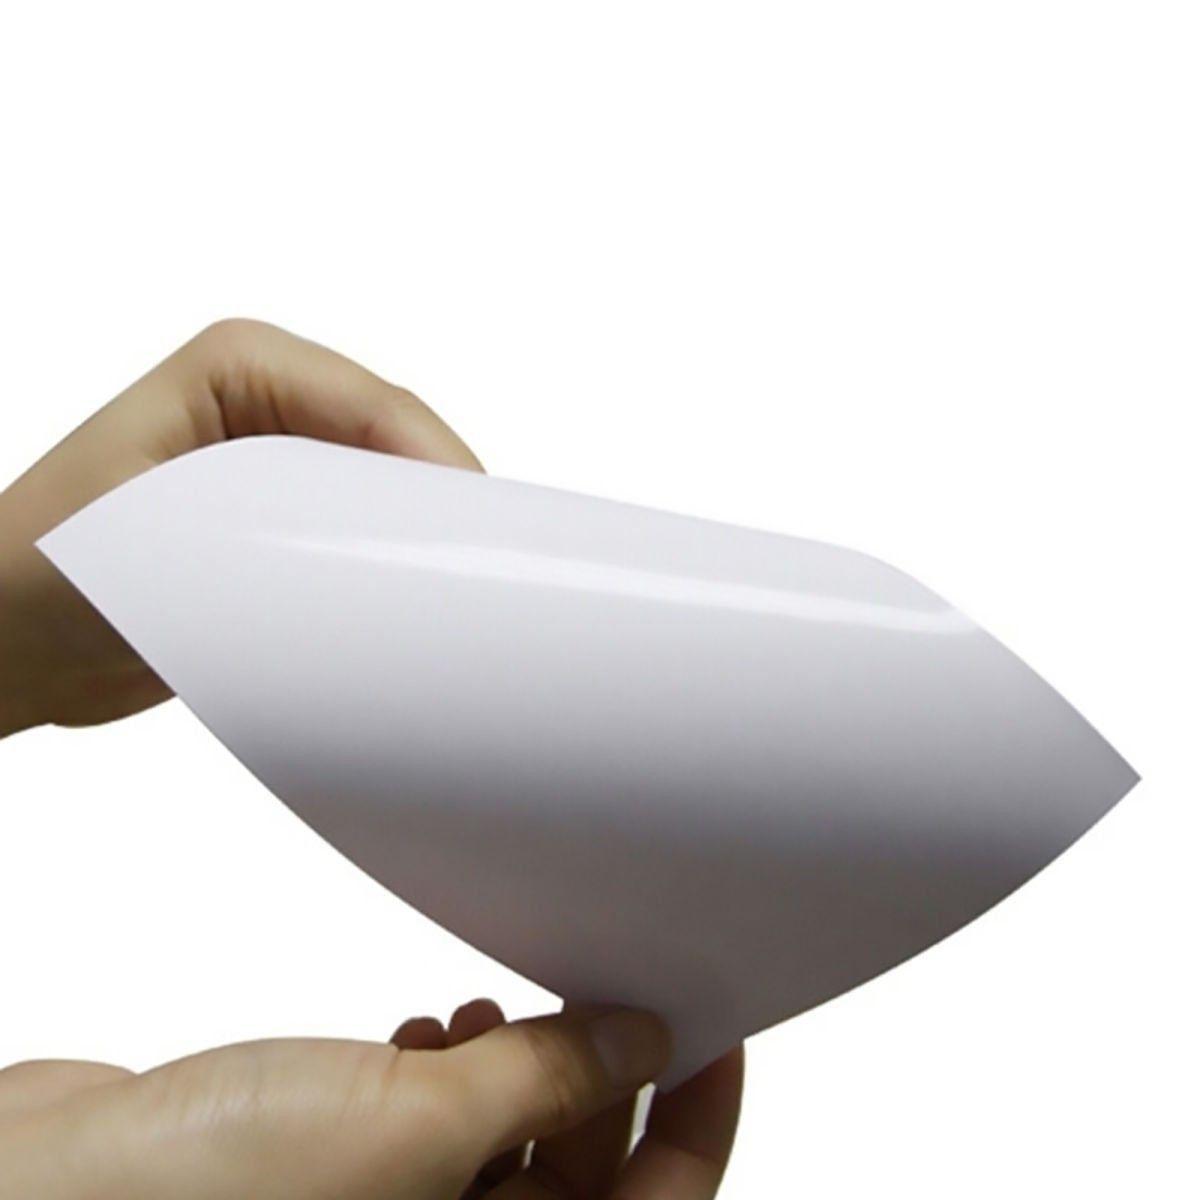 Papel Fotográfico Adesivo Glossy A4 130g Branco Brilhante Resistente à Água / 300 folhas